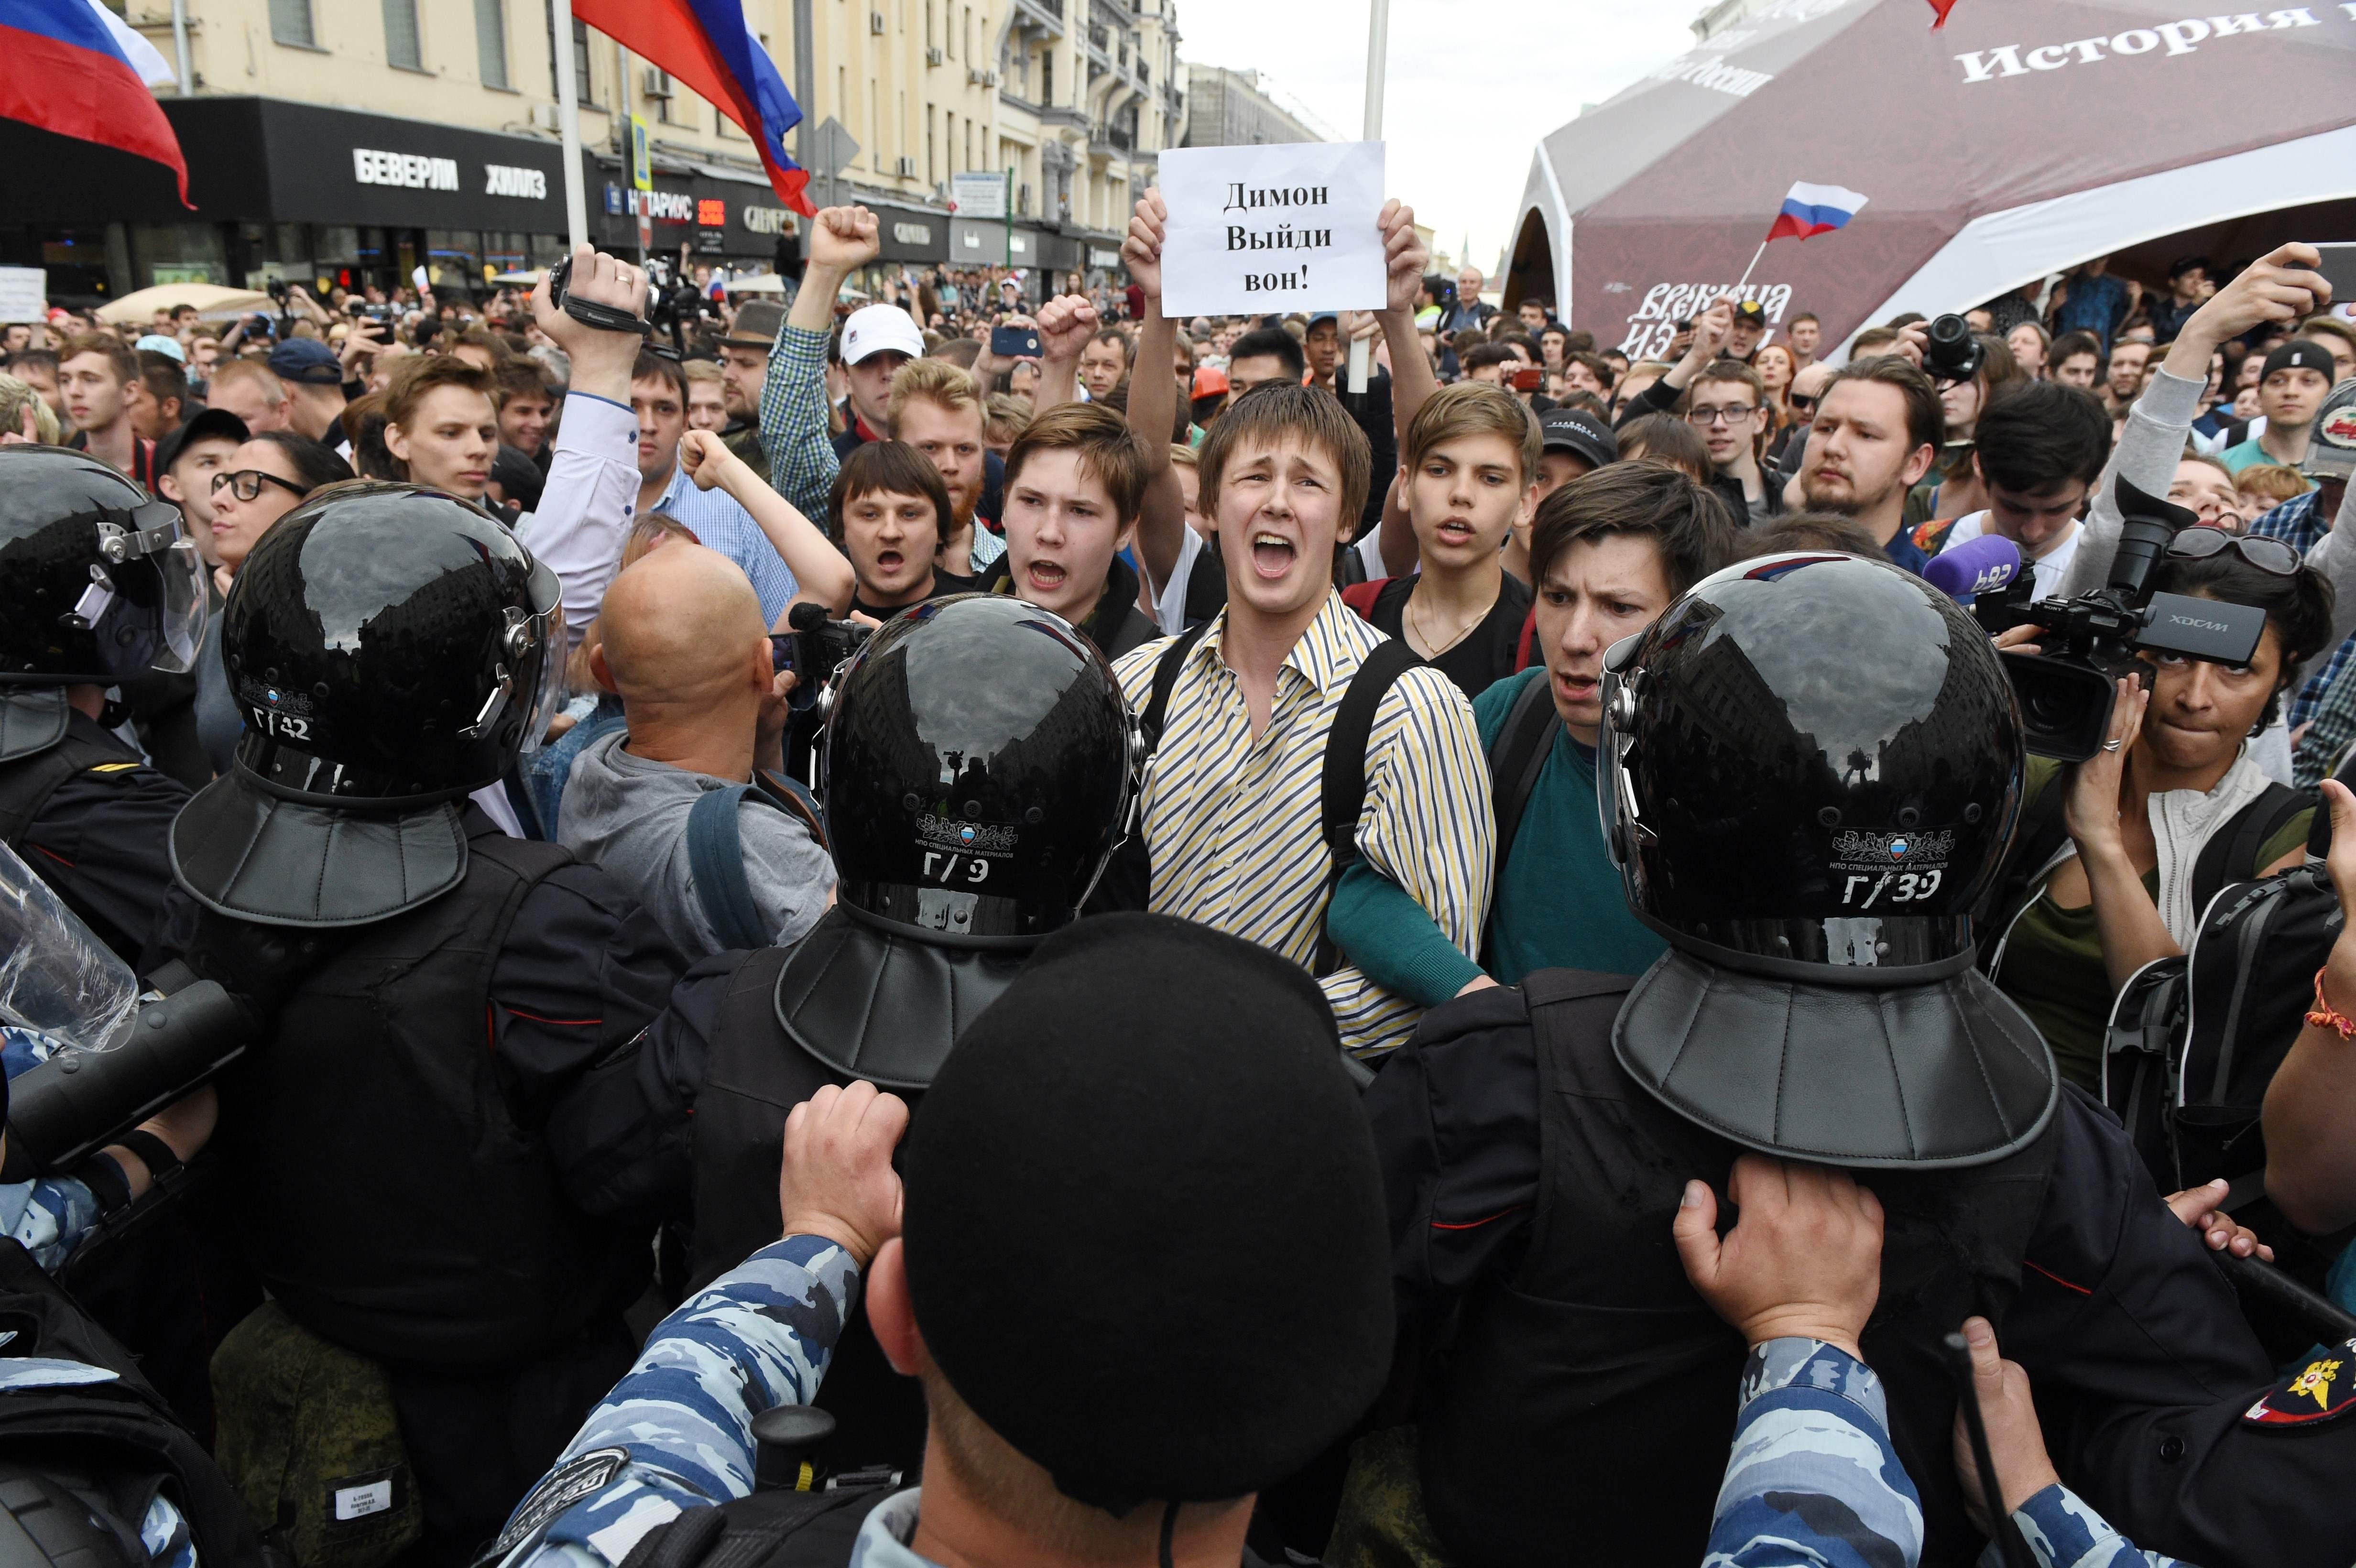 Russos protestam contra corrupção em 180 cidades; centenas são detidos